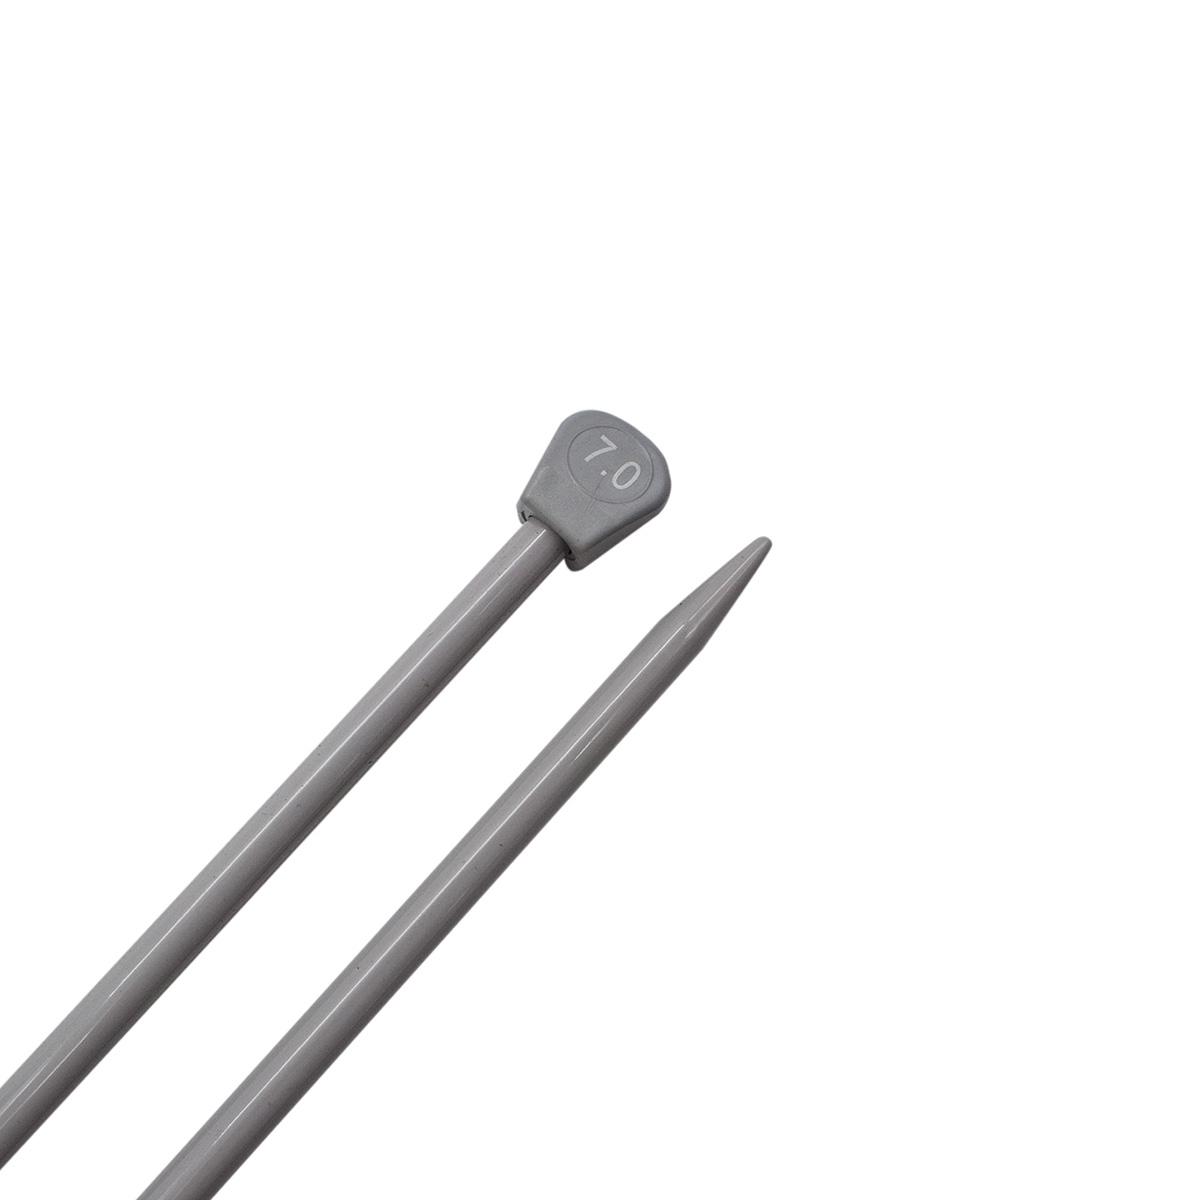 Спицы прямые алюминиевые с покрытием 940270/940207, 35 см, 7,0 мм, Hobby&Pro